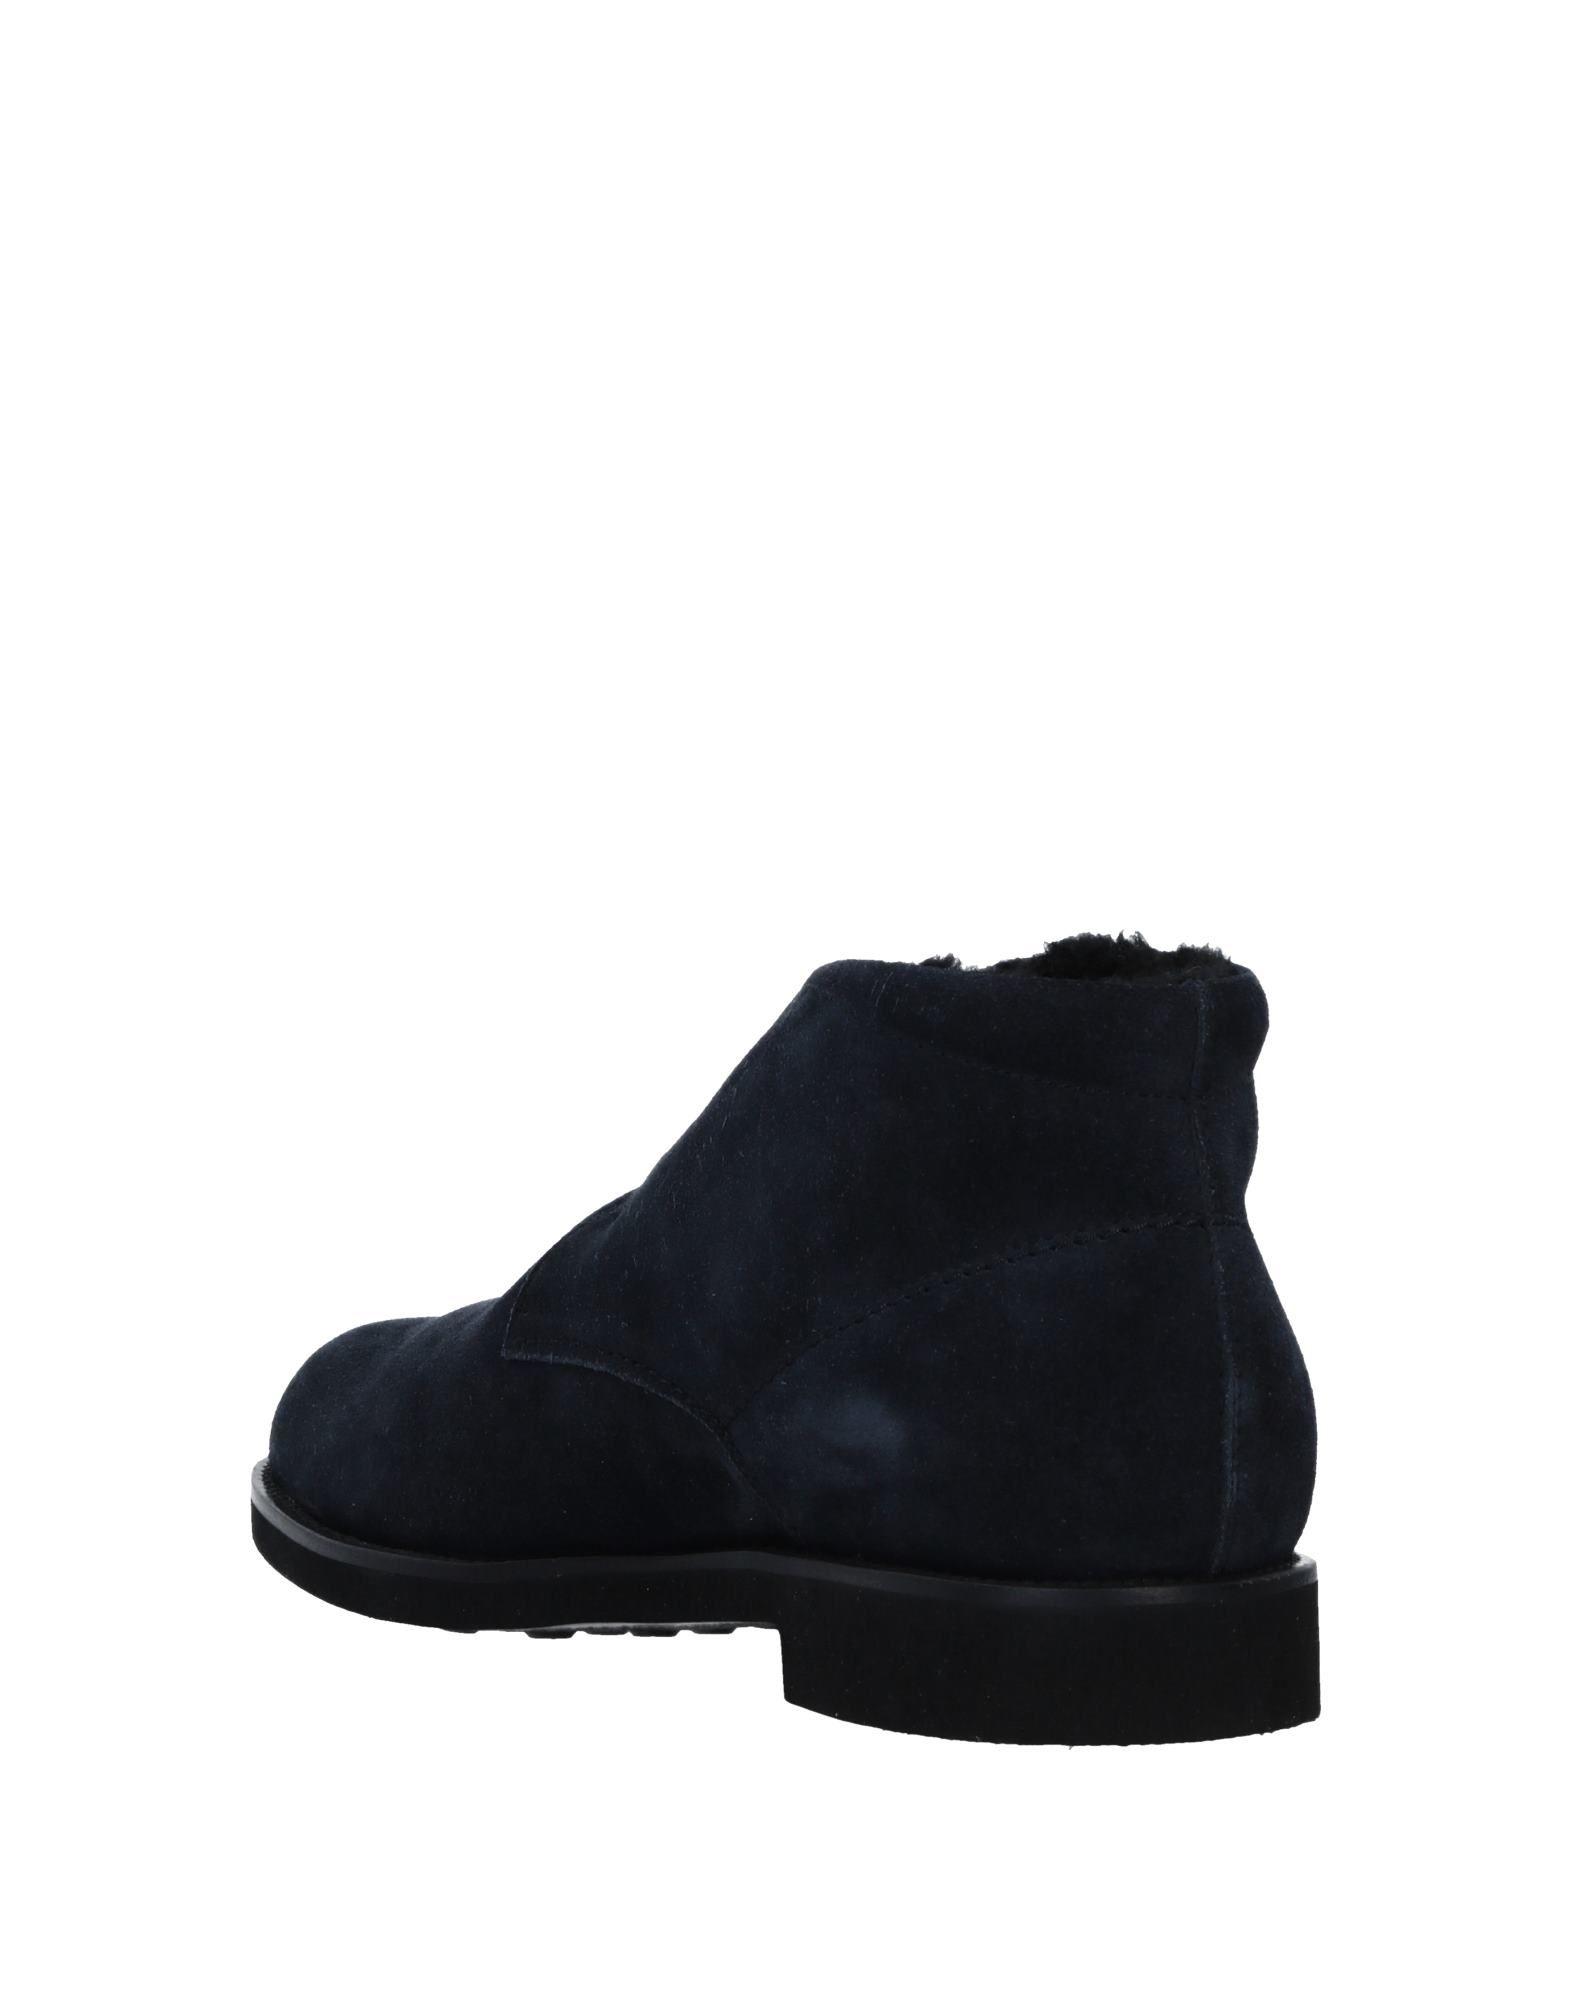 Tod's Stiefelette Herren Qualität  11541310SS Gute Qualität Herren beliebte Schuhe 2bdf04